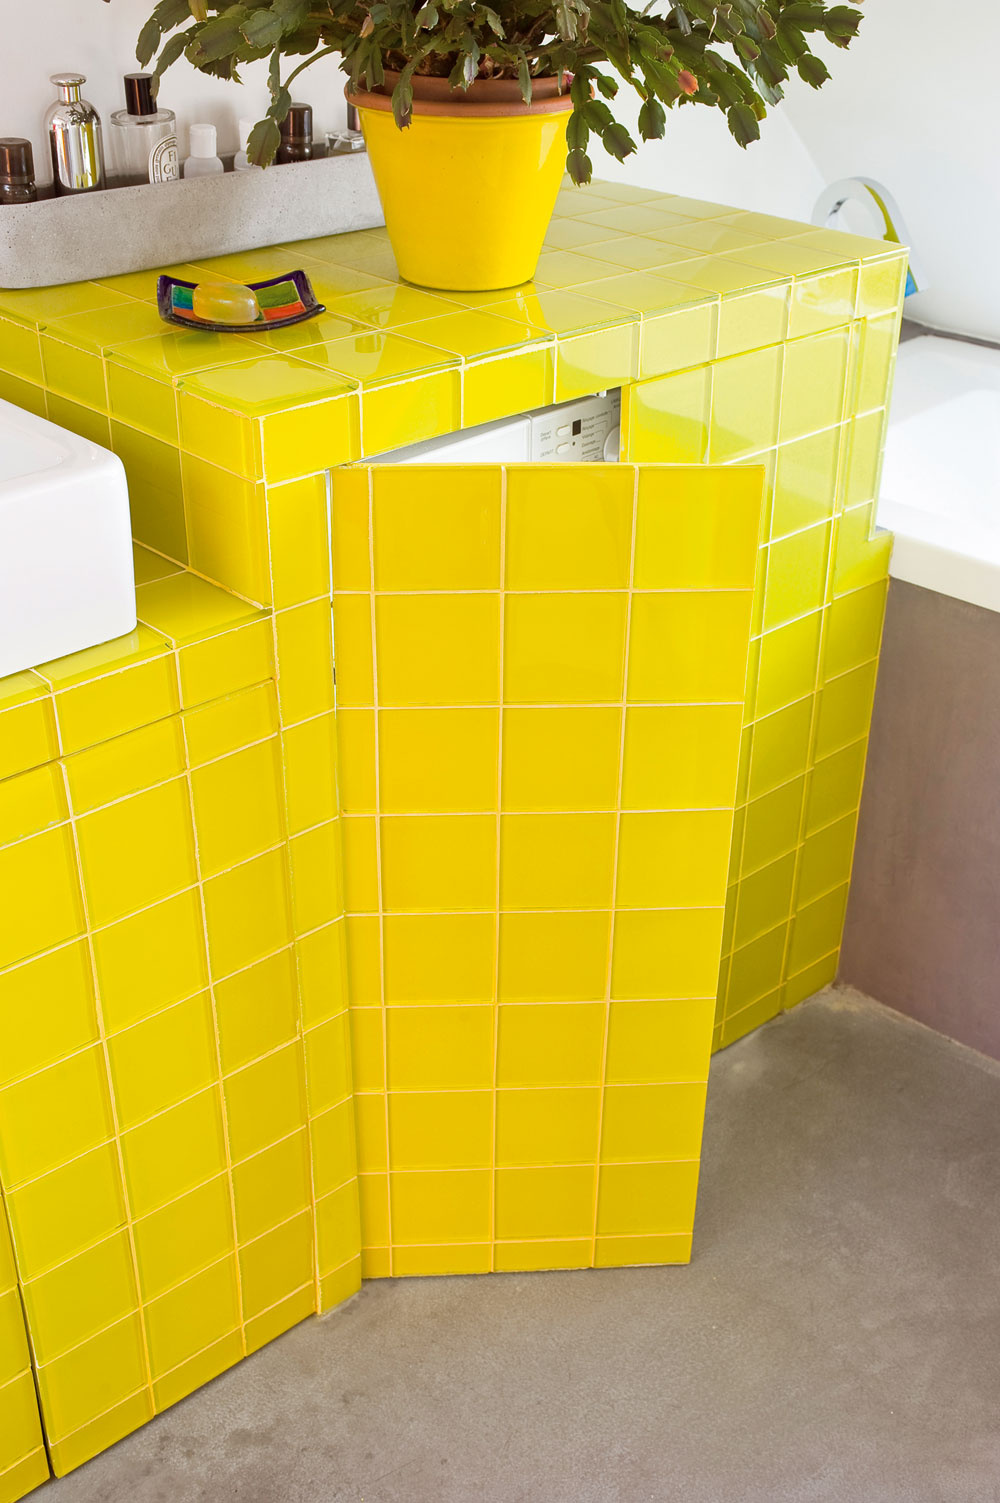 Každej miestnosti dodáva charakteristickú farebnosť len zopár kúskov vybavenia, zvyšok je neutrálny, sivo-čierno-biely. Do kúpeľne priniesol architekt farbu najmä prostredníctvom hranatého objektu sumývadlom – skrinka so sadrokartónovými stenami acitrónovožltým skleneným obkladom (formát 10 × 10 cm od Aire Azur Carrelage) ukrýva práčku akôš na špinavú bielizeň. Aj pri špinavej bielizni, našťastie, funguje porekadlo Zíde zočí, zíde zmysle.